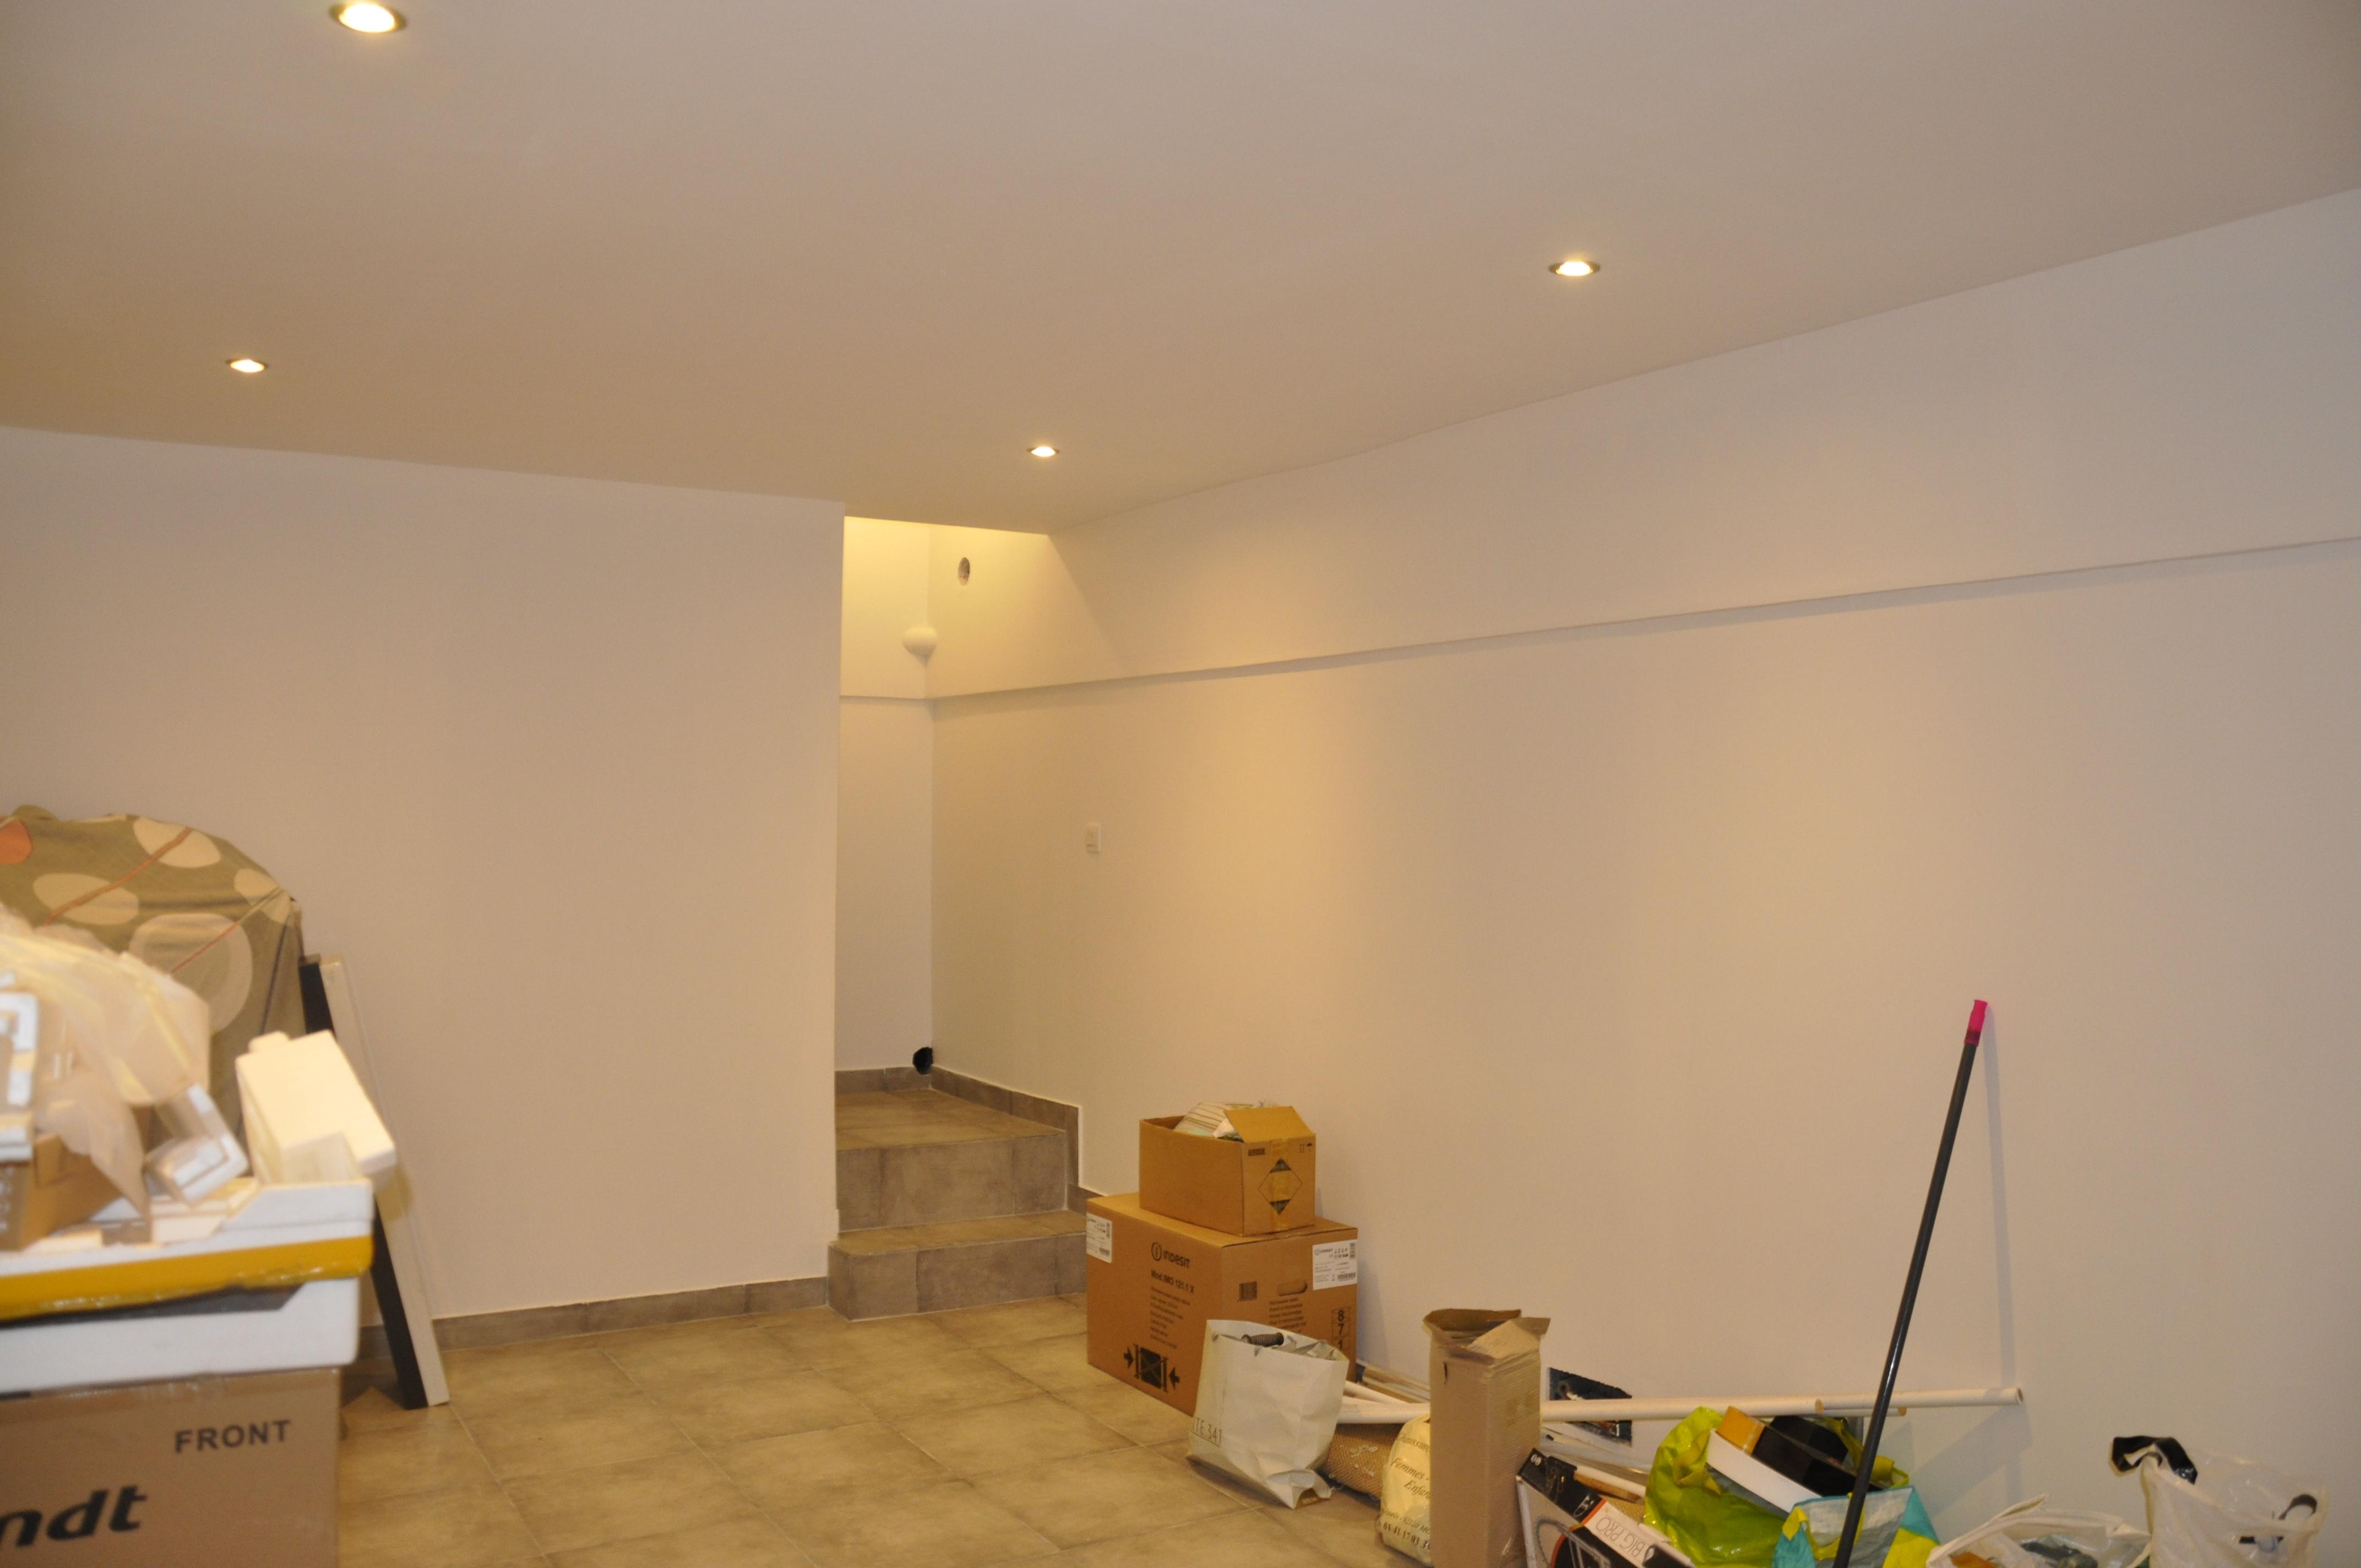 location 7m dans une maison morsang sur orge 91390. Black Bedroom Furniture Sets. Home Design Ideas